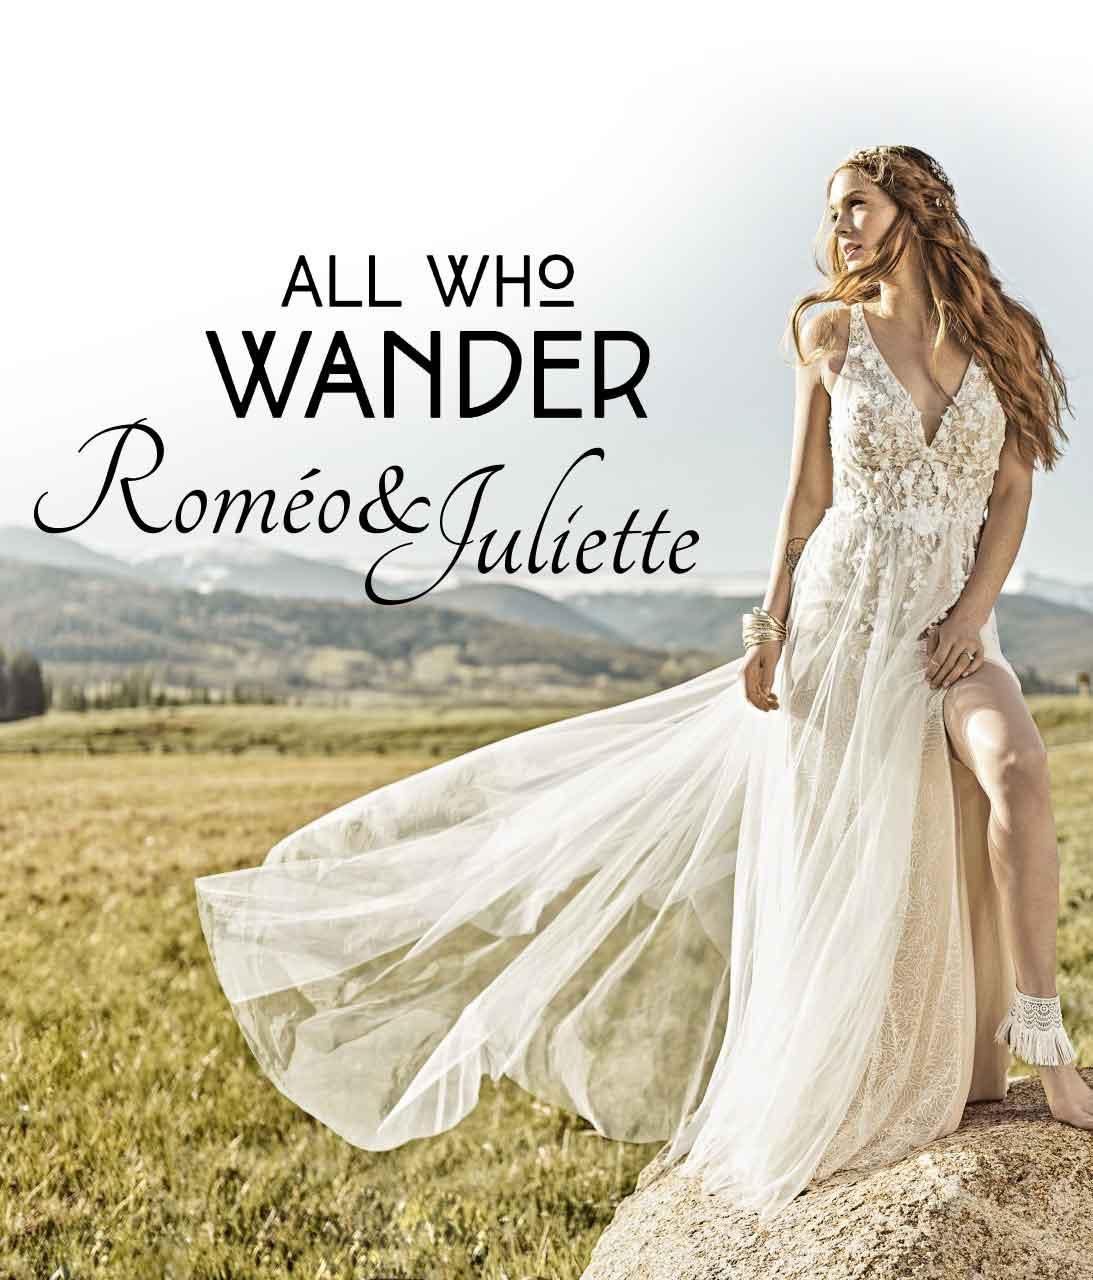 Romeo Juliette 900 Brautkleider 700 Anzuge 4000 Trauringmodelle